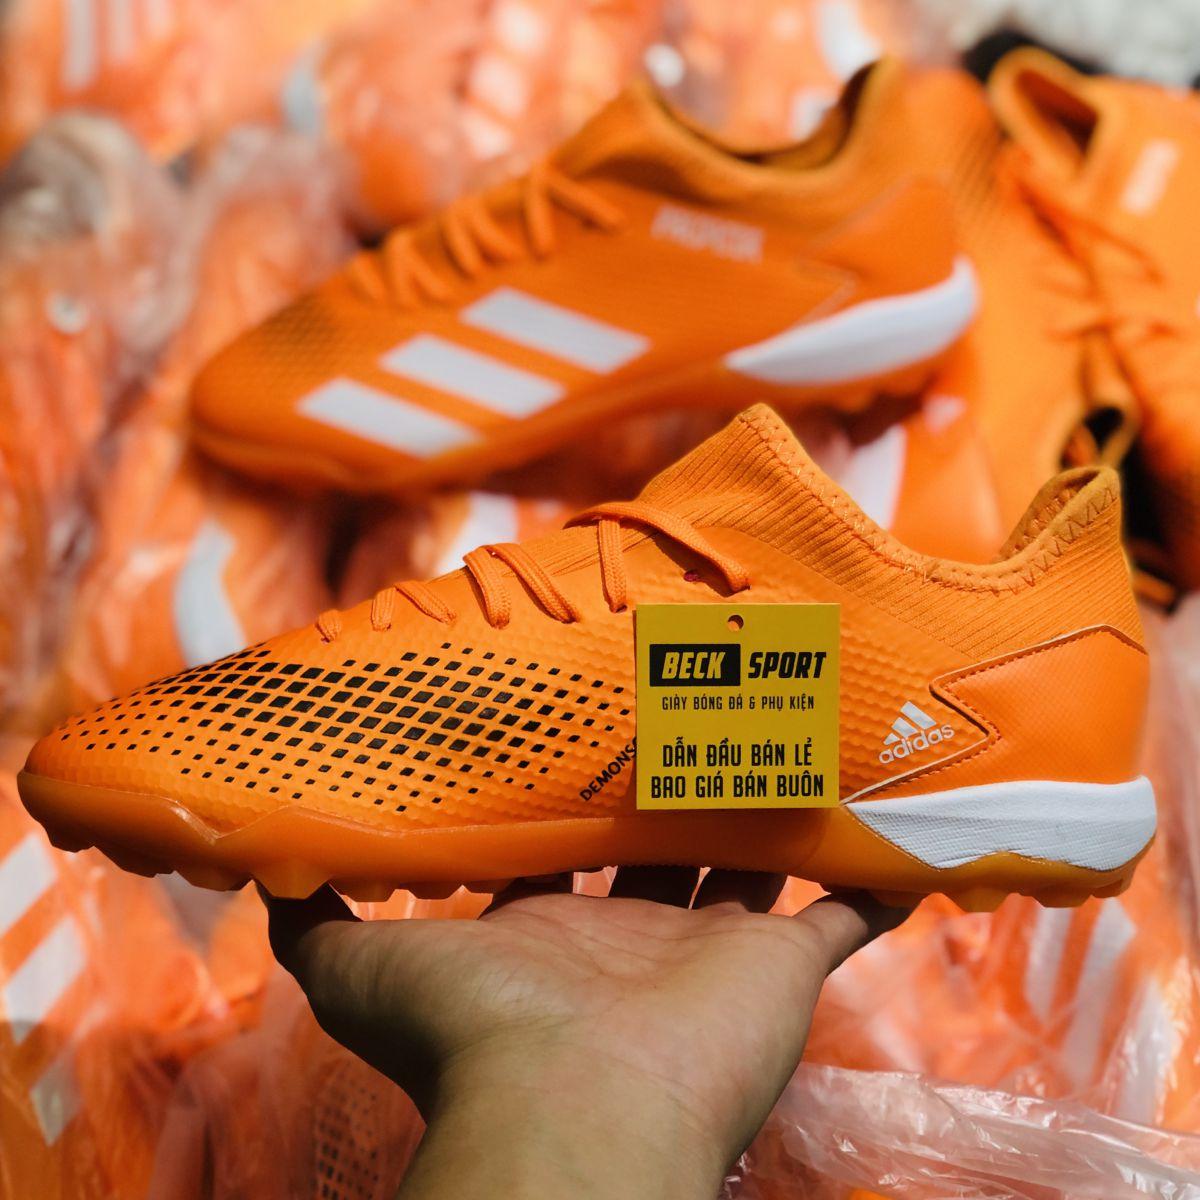 Giày Bóng Đá Adidas Predator 20.3 Cam Vạch Trắng HQ TF